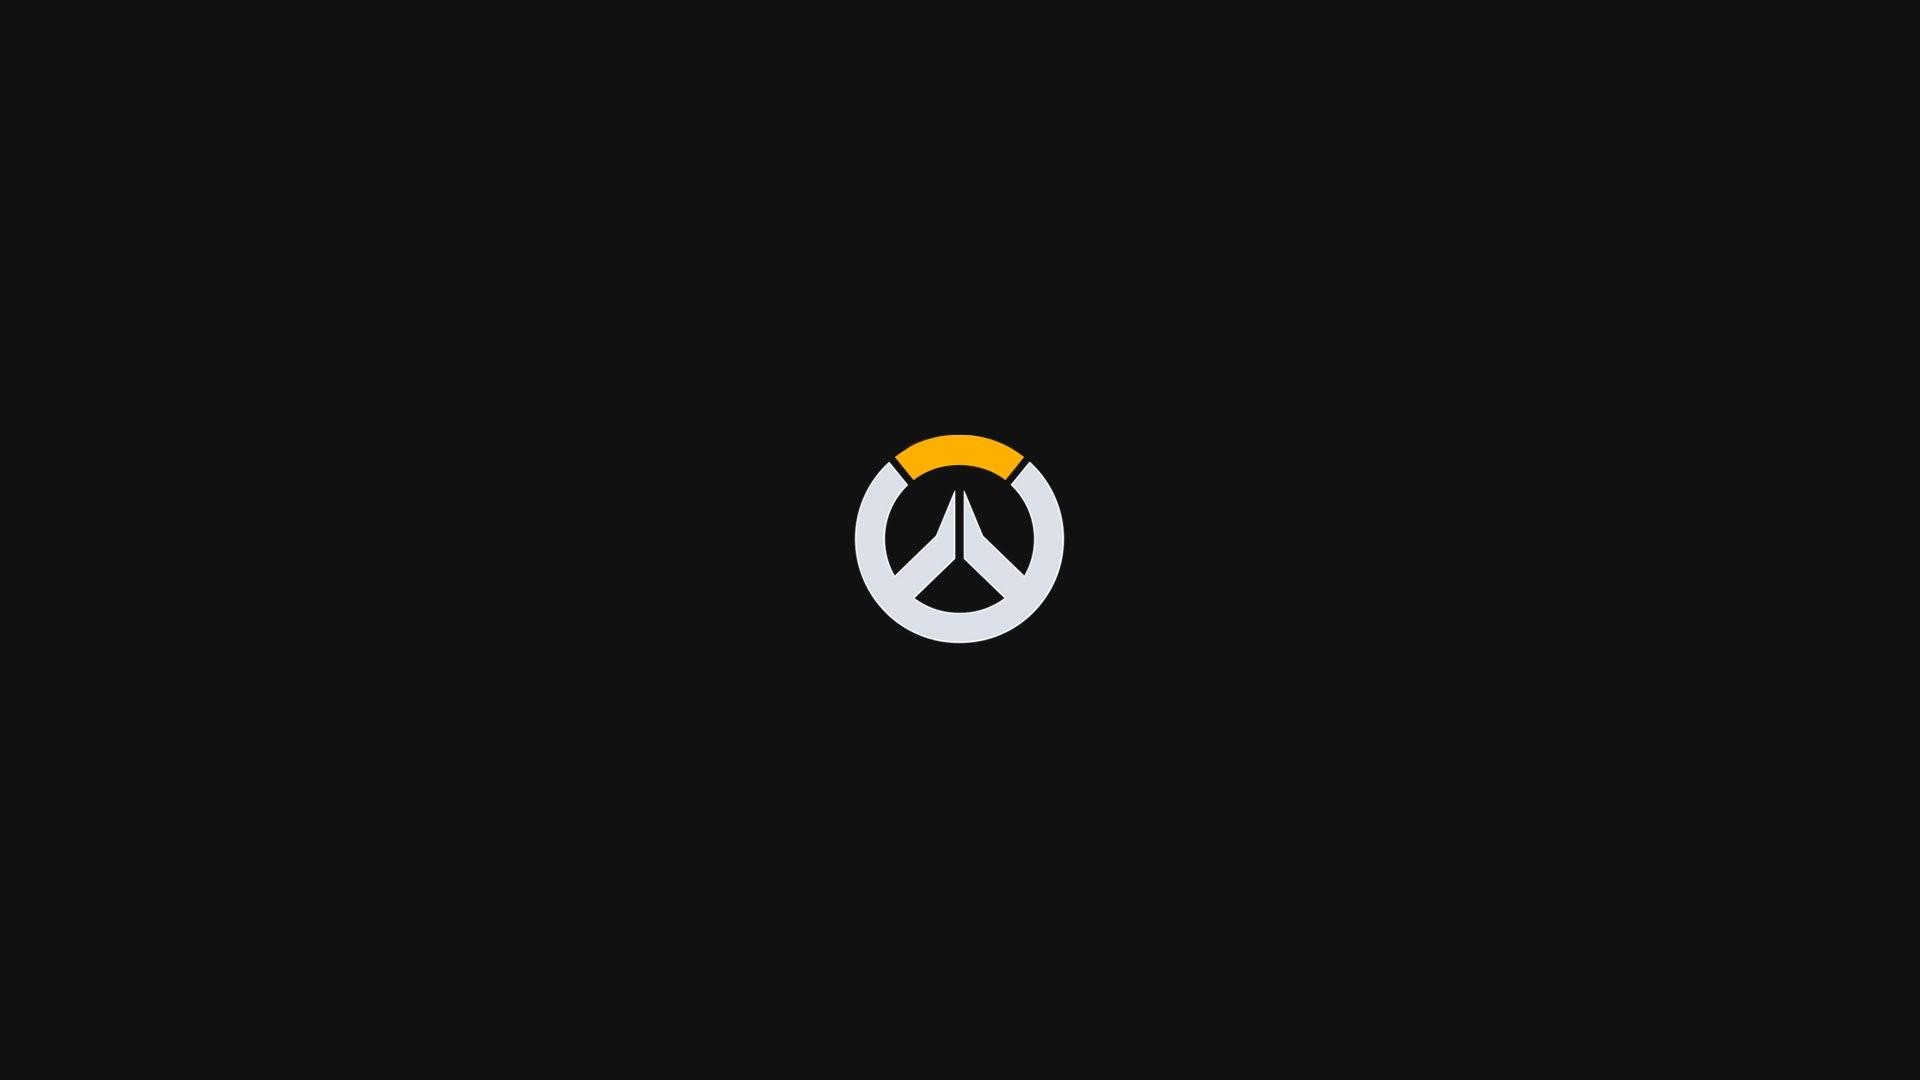 Video Game – Overwatch Logo Minimalist Wallpaper